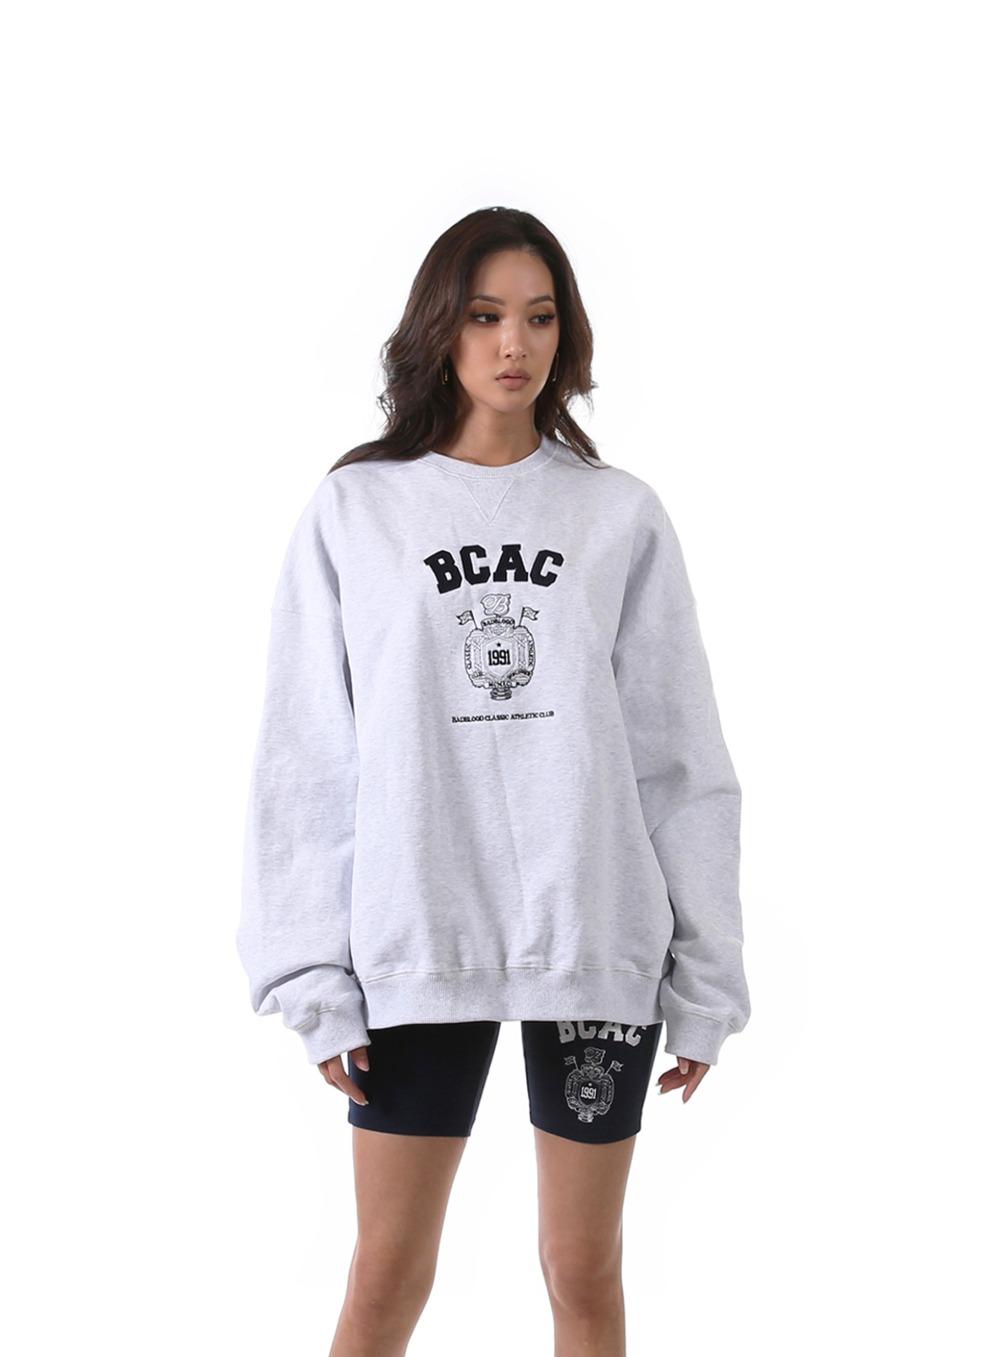 BCAC 엠블렘 크루넥 스웻셔츠 - 애쉬그레이